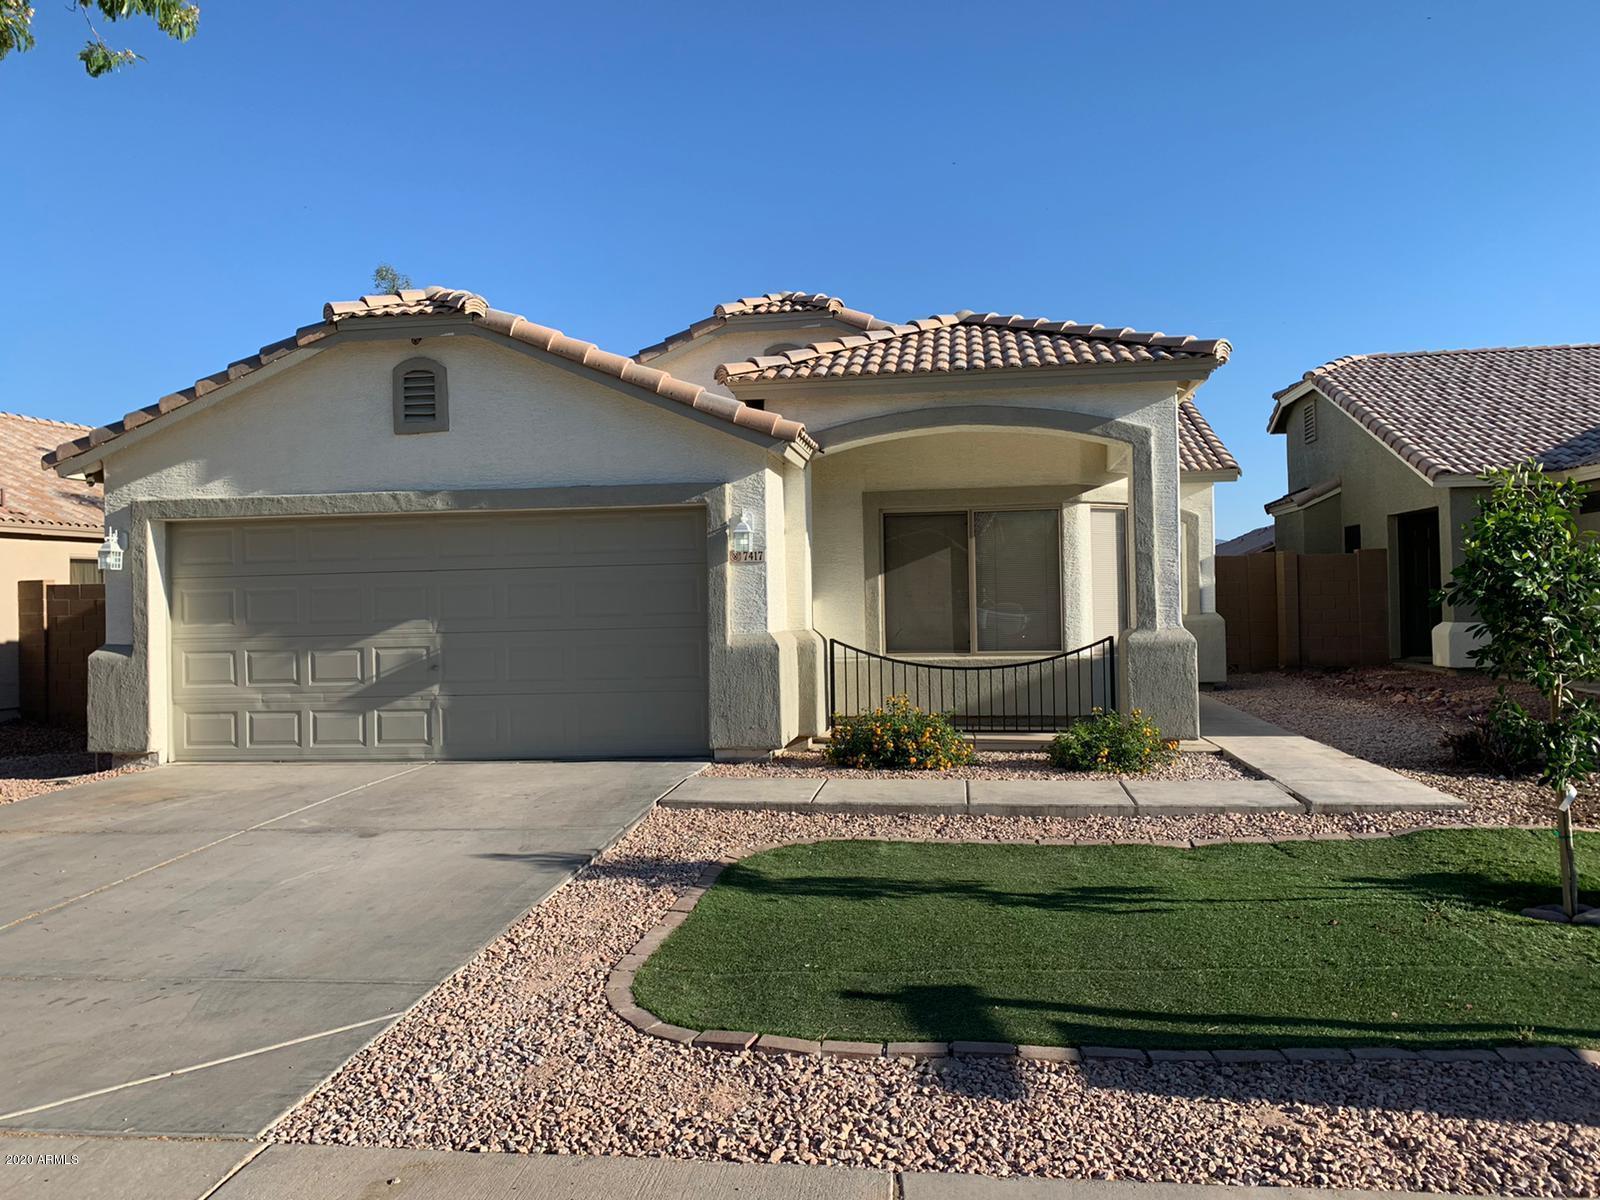 Photo of 7417 W ELWOOD Street, Phoenix, AZ 85043